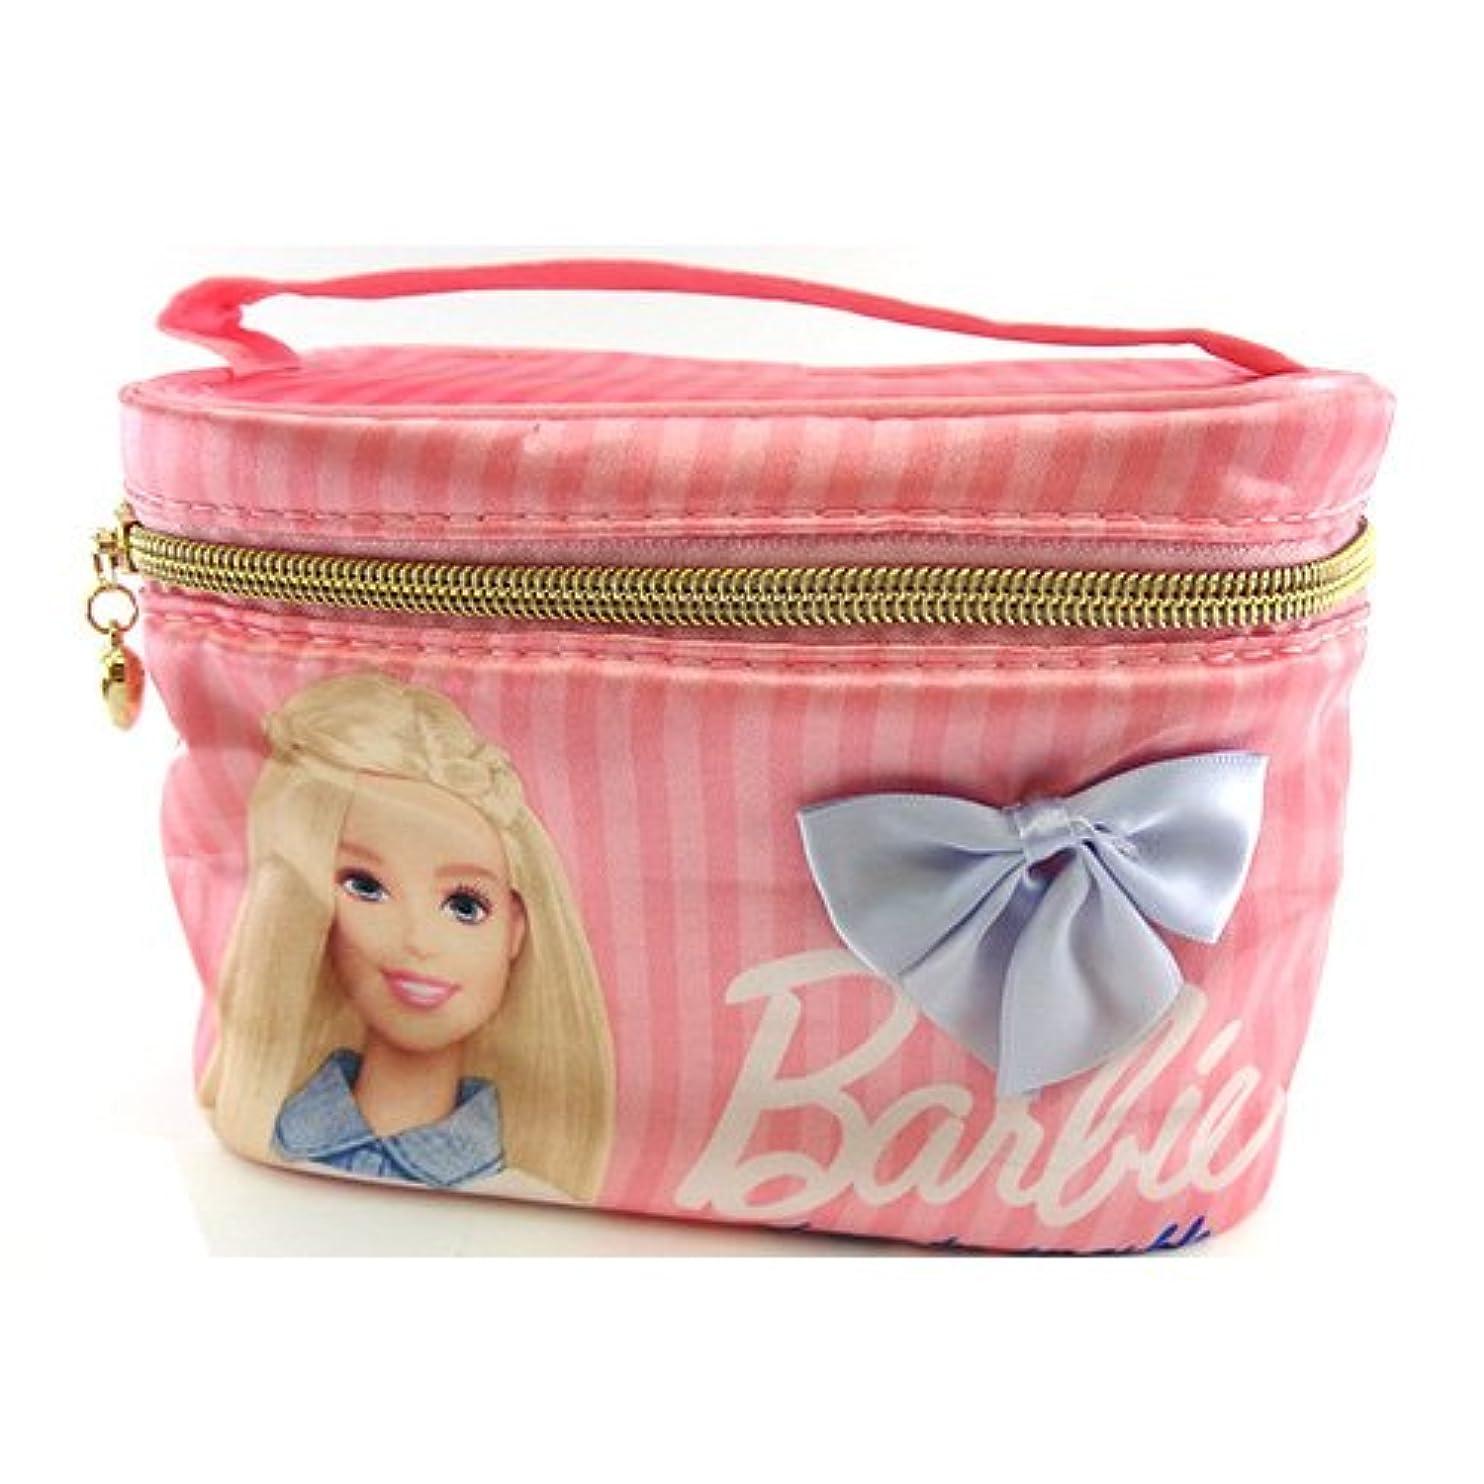 予言する福祉ディプロマバービー Barbie サテン バニティポーチ ライトピンク 11665【Barbie ポーチ メイク ピンク 化粧】